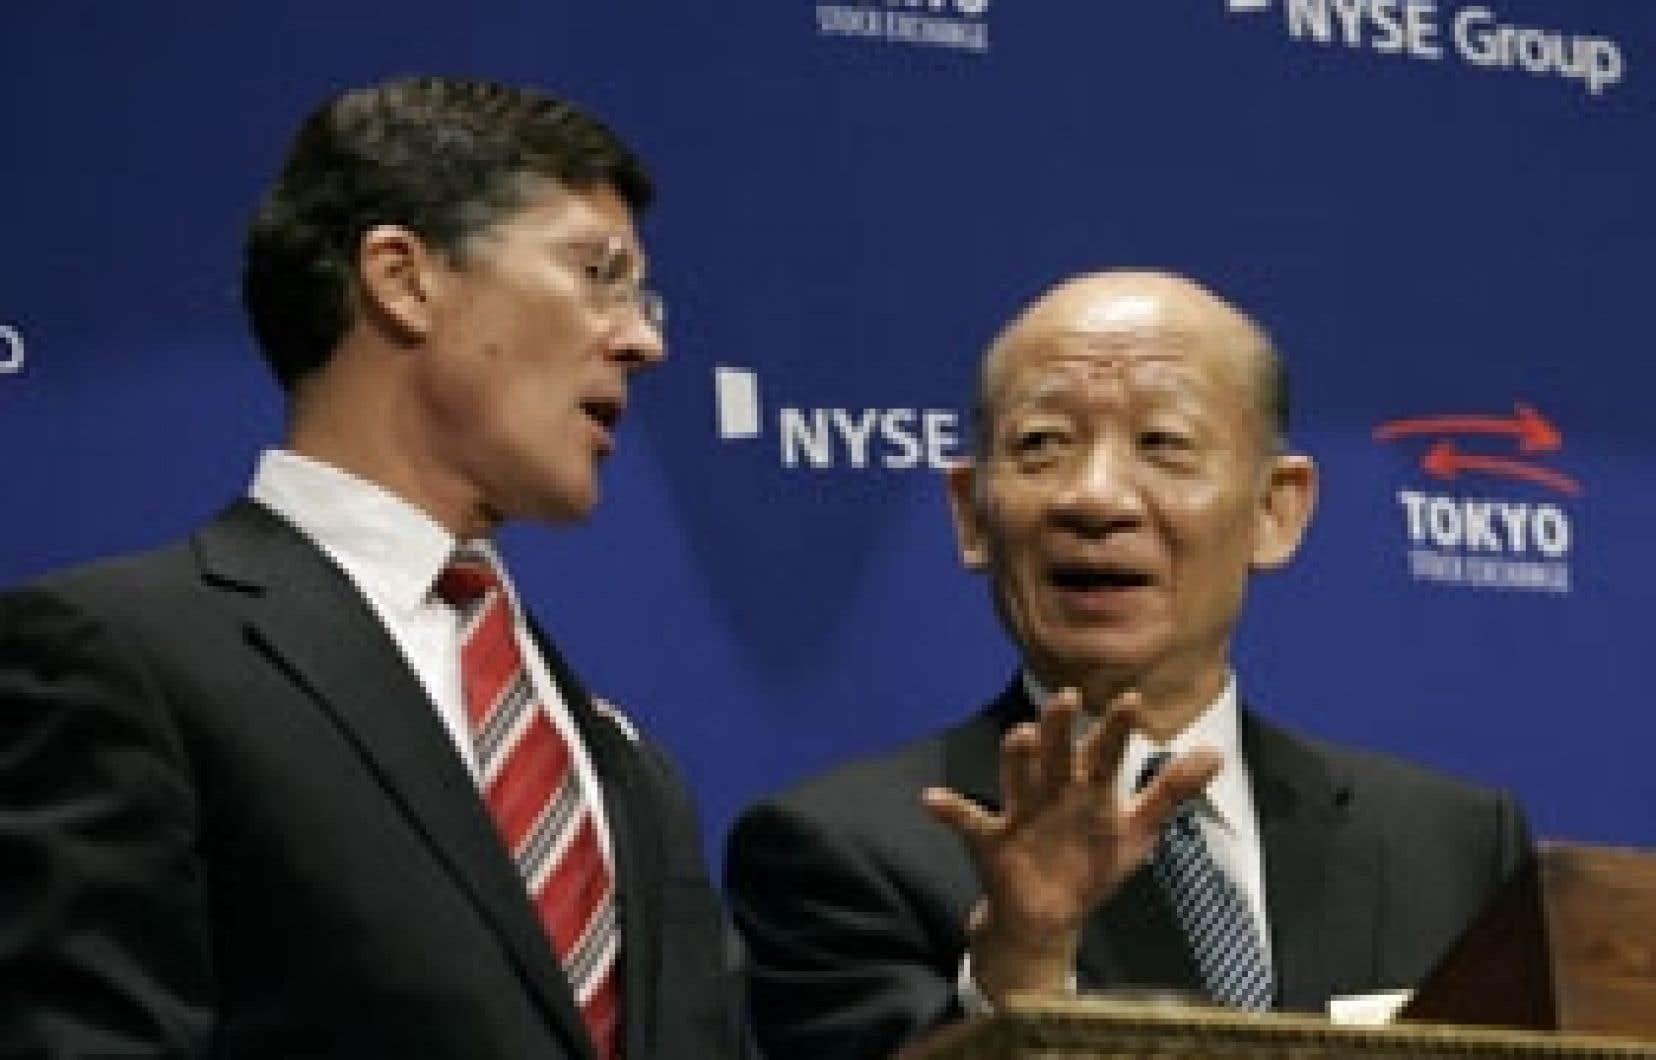 Le p.-d.g. du NYSE, John Thain, et le président du Tokyo Stock Exchange, Taizo Nishimuro. «Ce n'est pas une fusion, c'est une lettre d'intention pour explorer de futures relations», a expliqué M. Nishimuro.